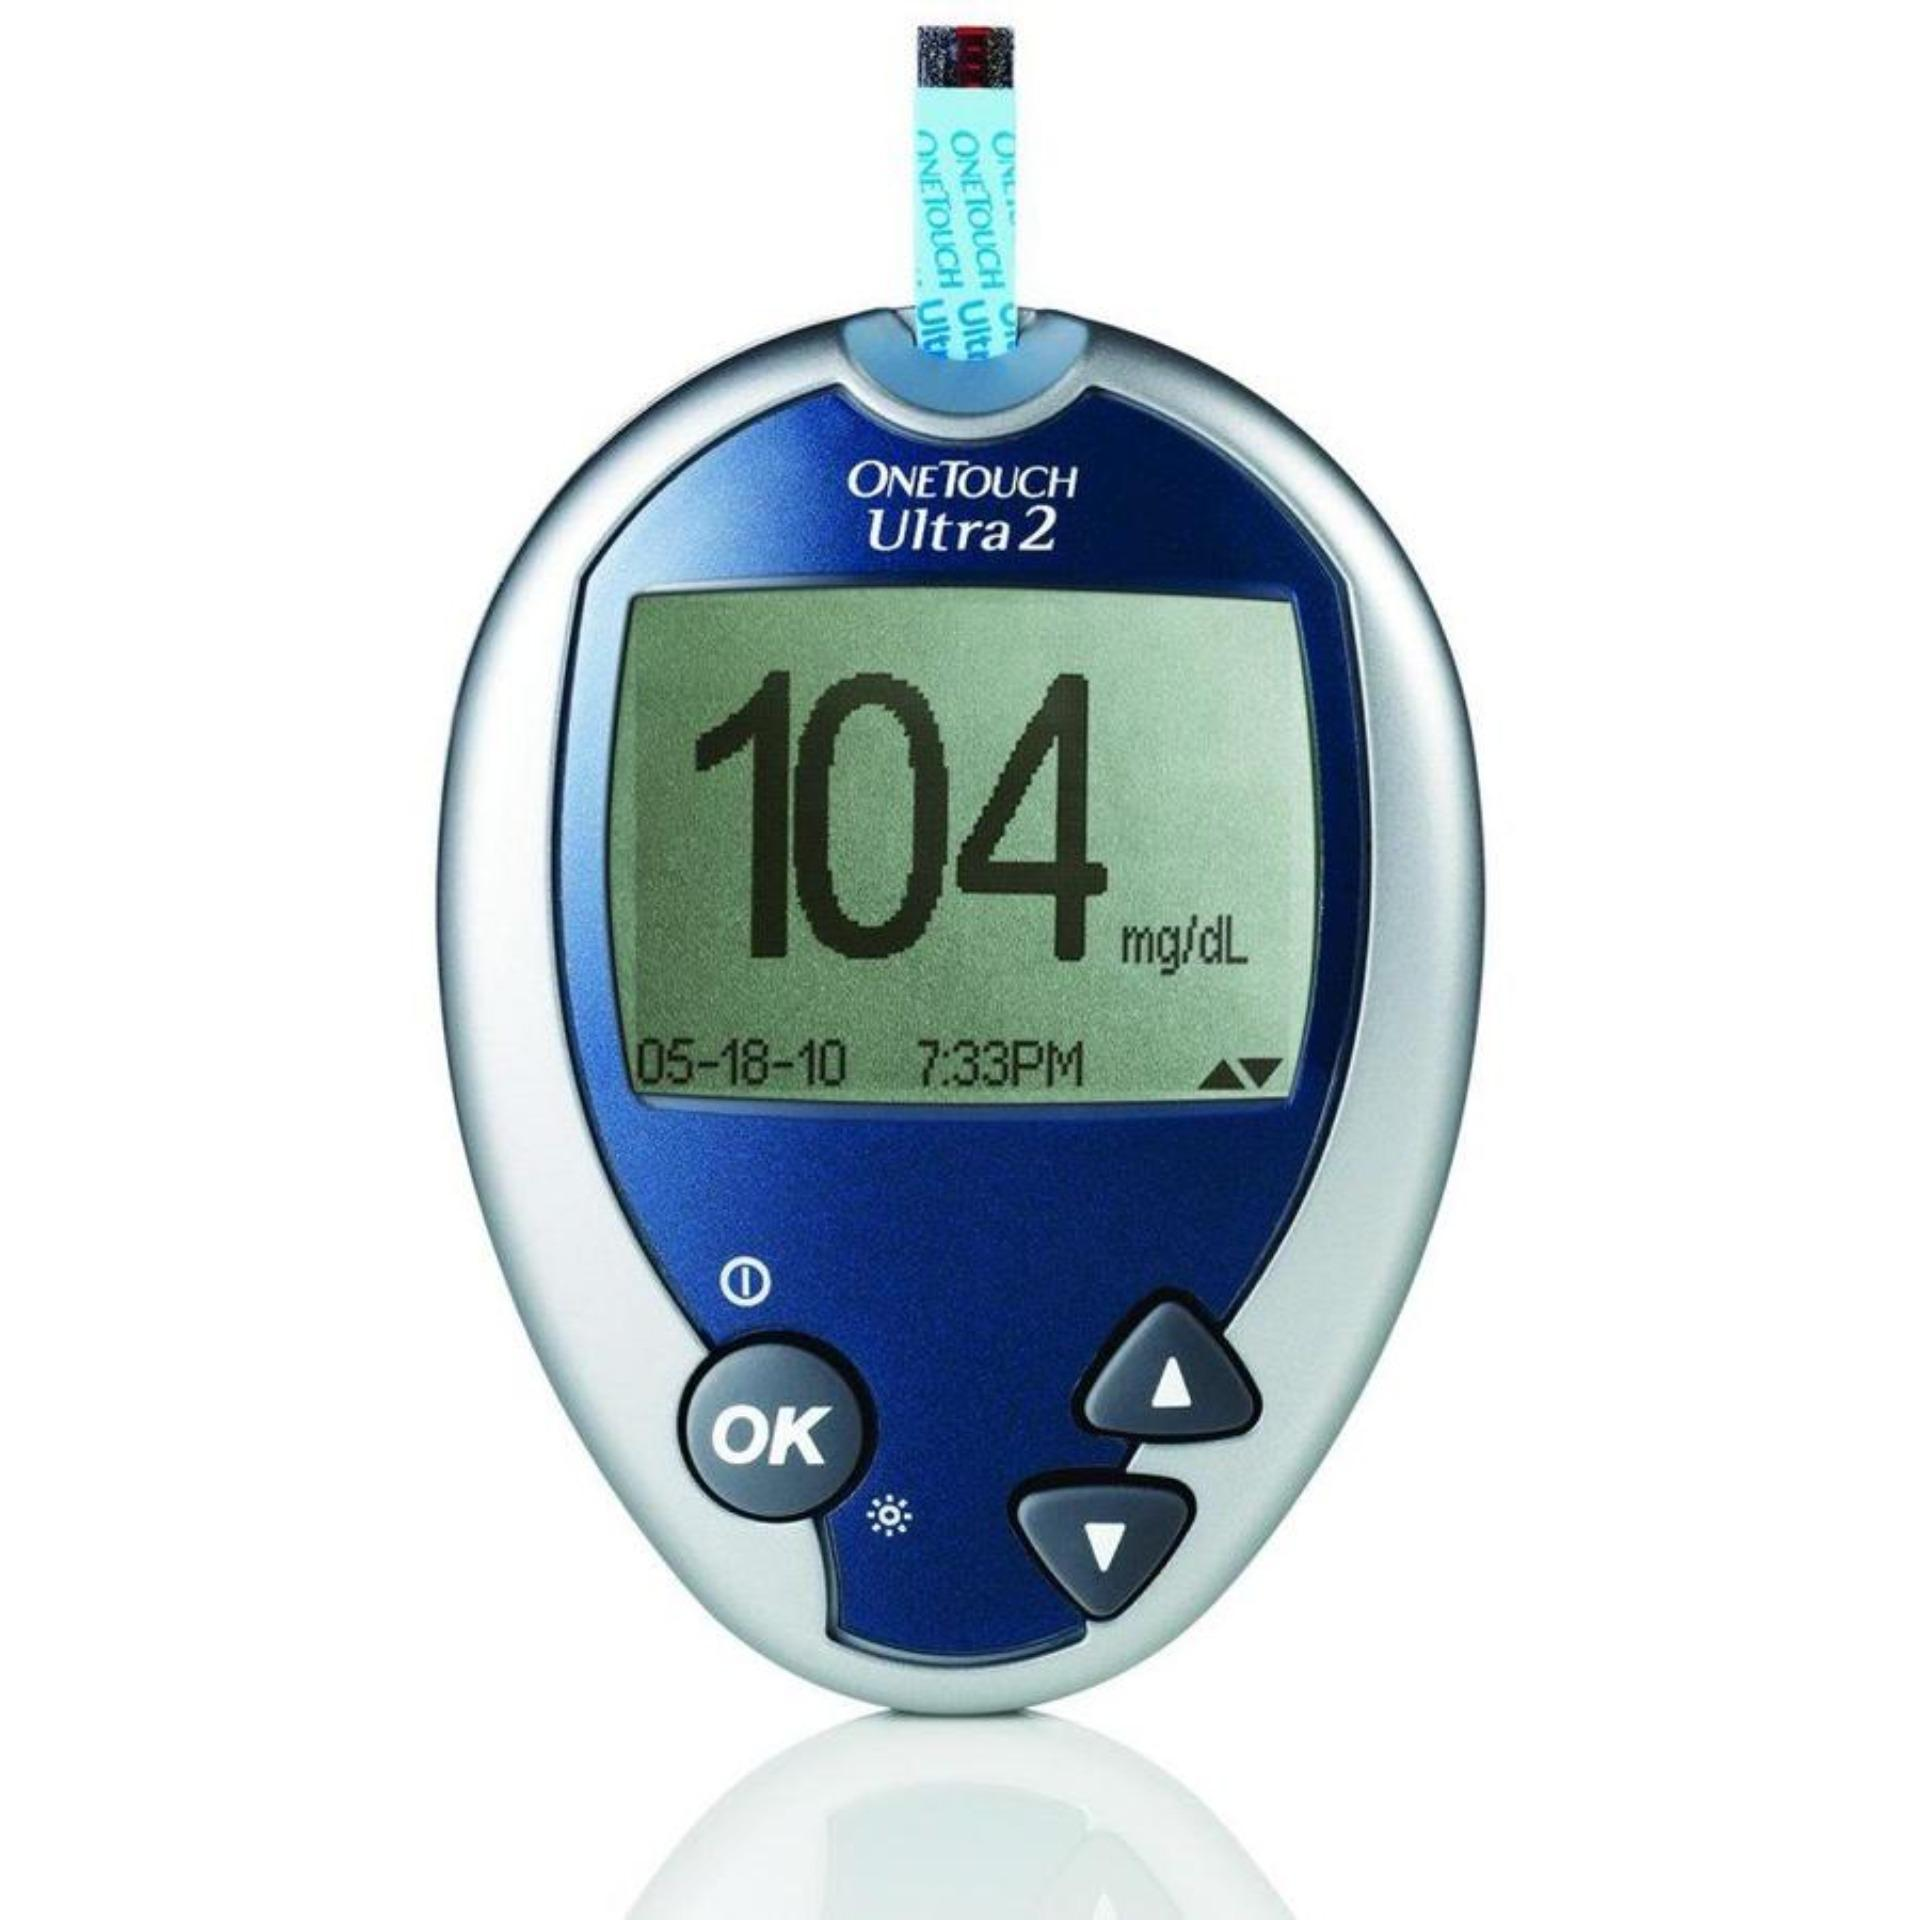 Nơi bán Máy đo đường huyết One Touch Ultra 2 + kèm 10 que thử đường huyết  và 25 kim chích máu - Hàng chuẩn đo chính xác